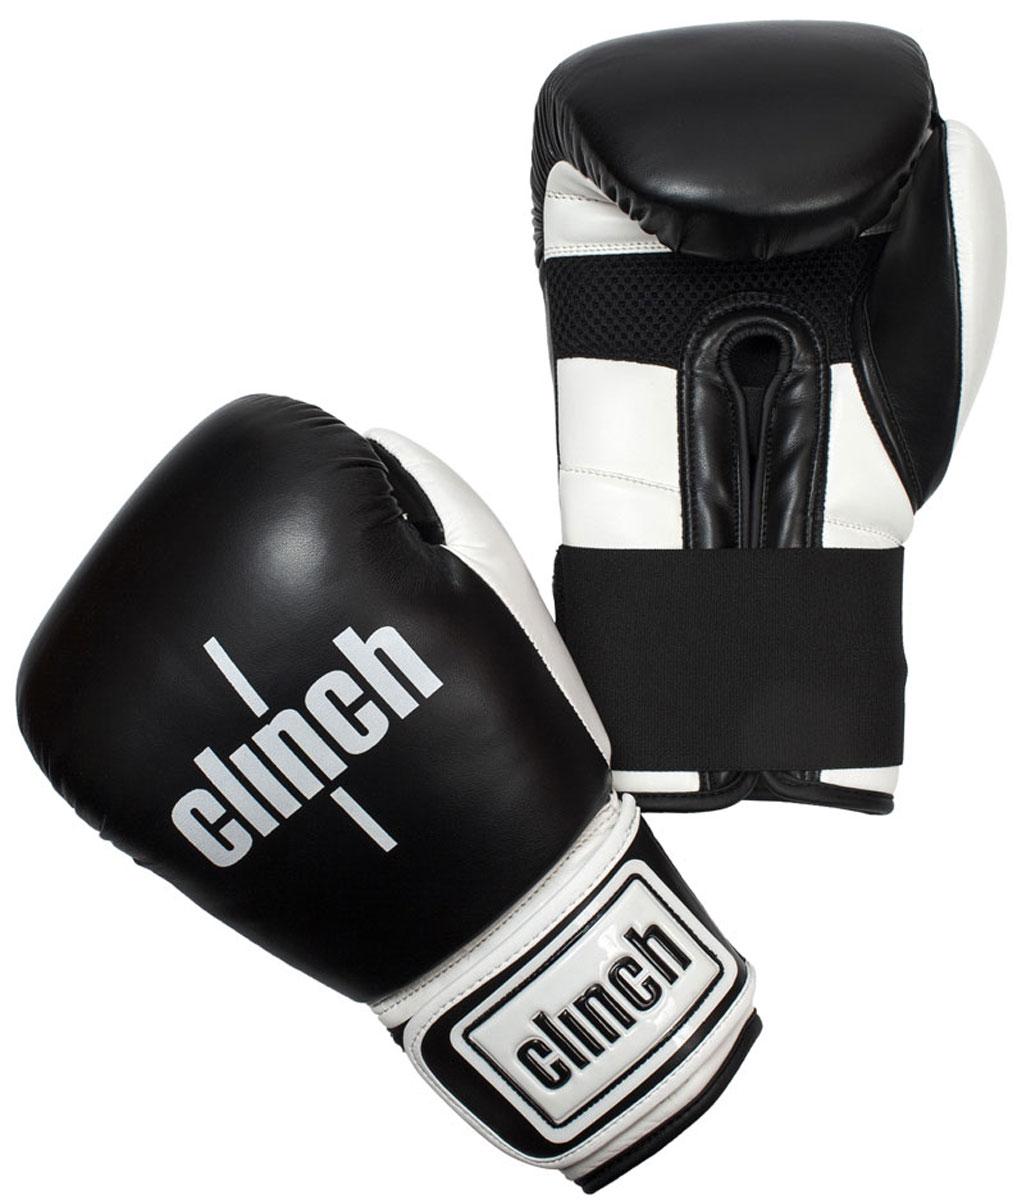 Перчатки боксерские Clinch Punch, цвет: черно-белый, 14 унций. C131C131Боксерские перчатки Punch. Изготовлены из высококачественного, прочного эластичного полиуретана. Многослойный пенный наполнитель обеспечивает улучшенную анатомическую посадку, комфорт и высокий уровень защиты. Широкая резинка позволяет оптимально фиксировать запястье.